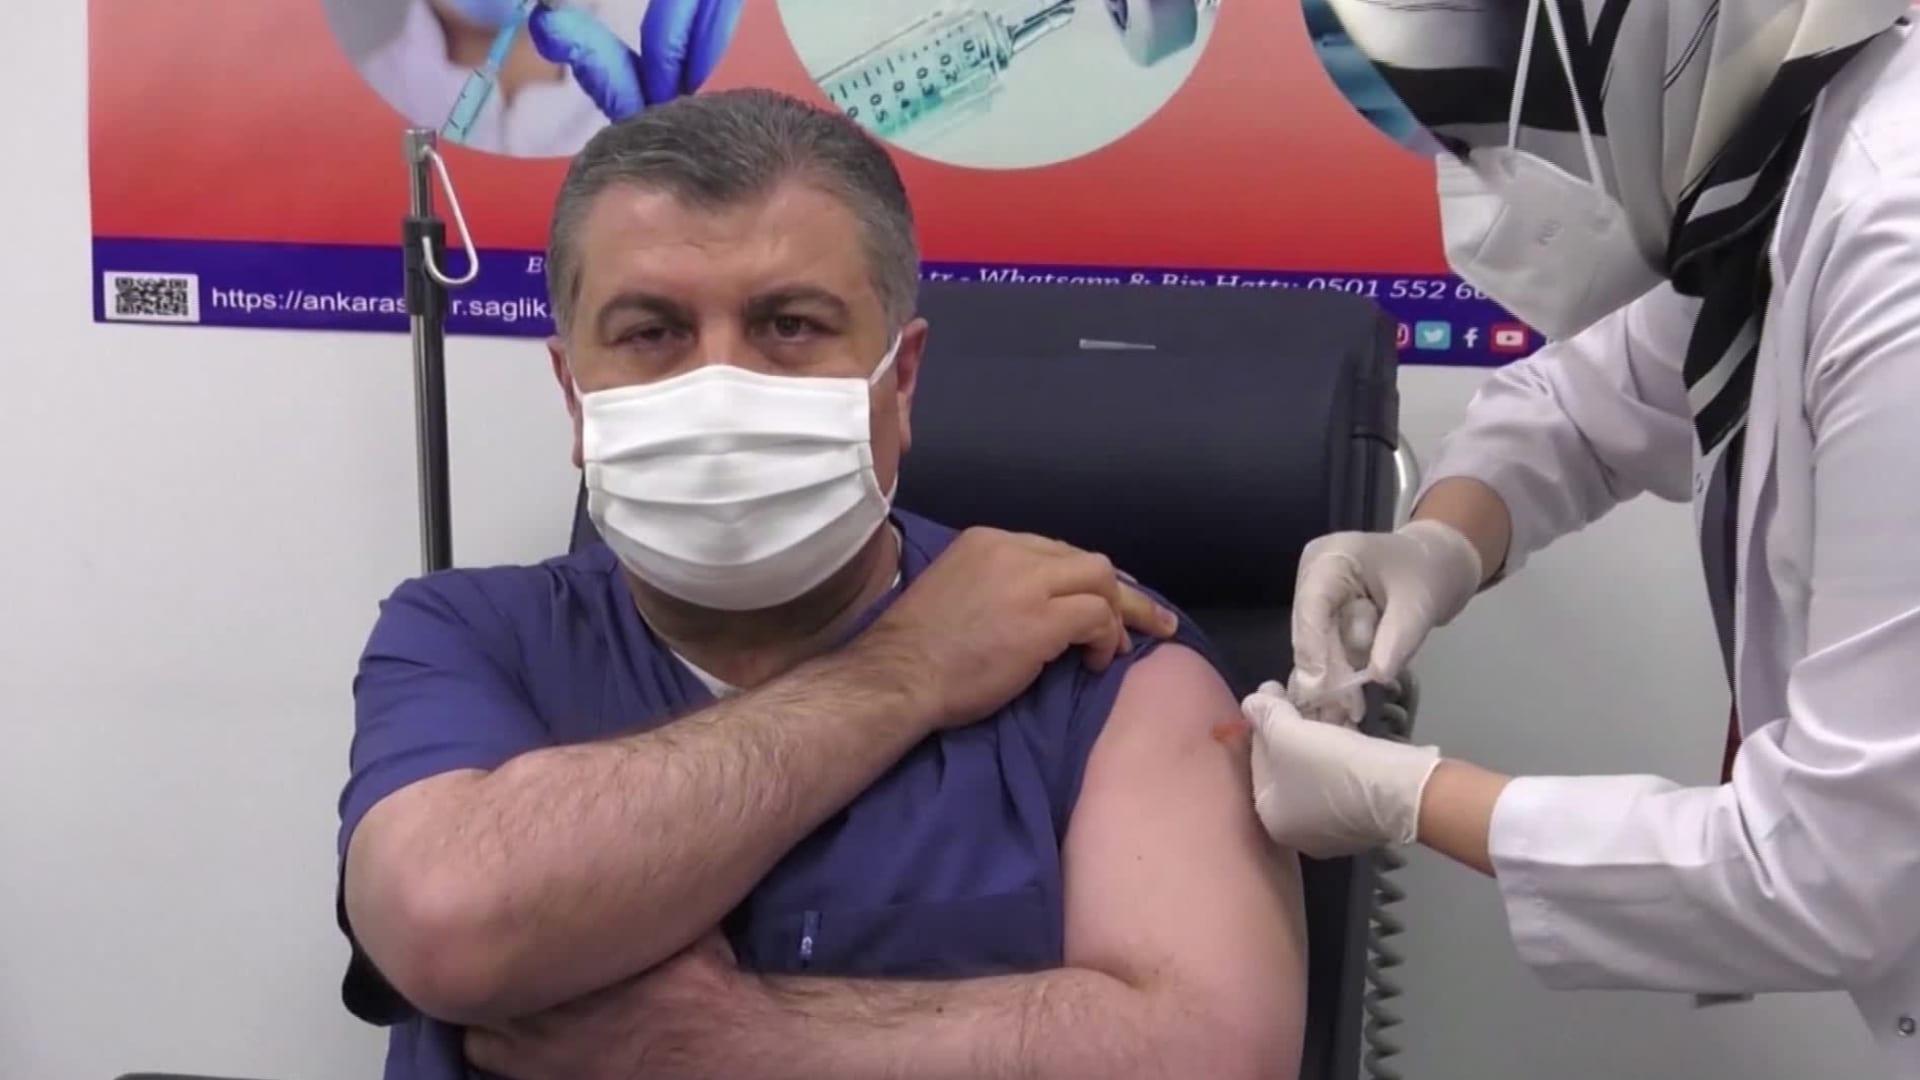 """تركيا تبدأ حملة تطعيم بلقاح """"سينوفاك"""" الصيني.. ووزير الصحة يتلقاه على الهواء"""